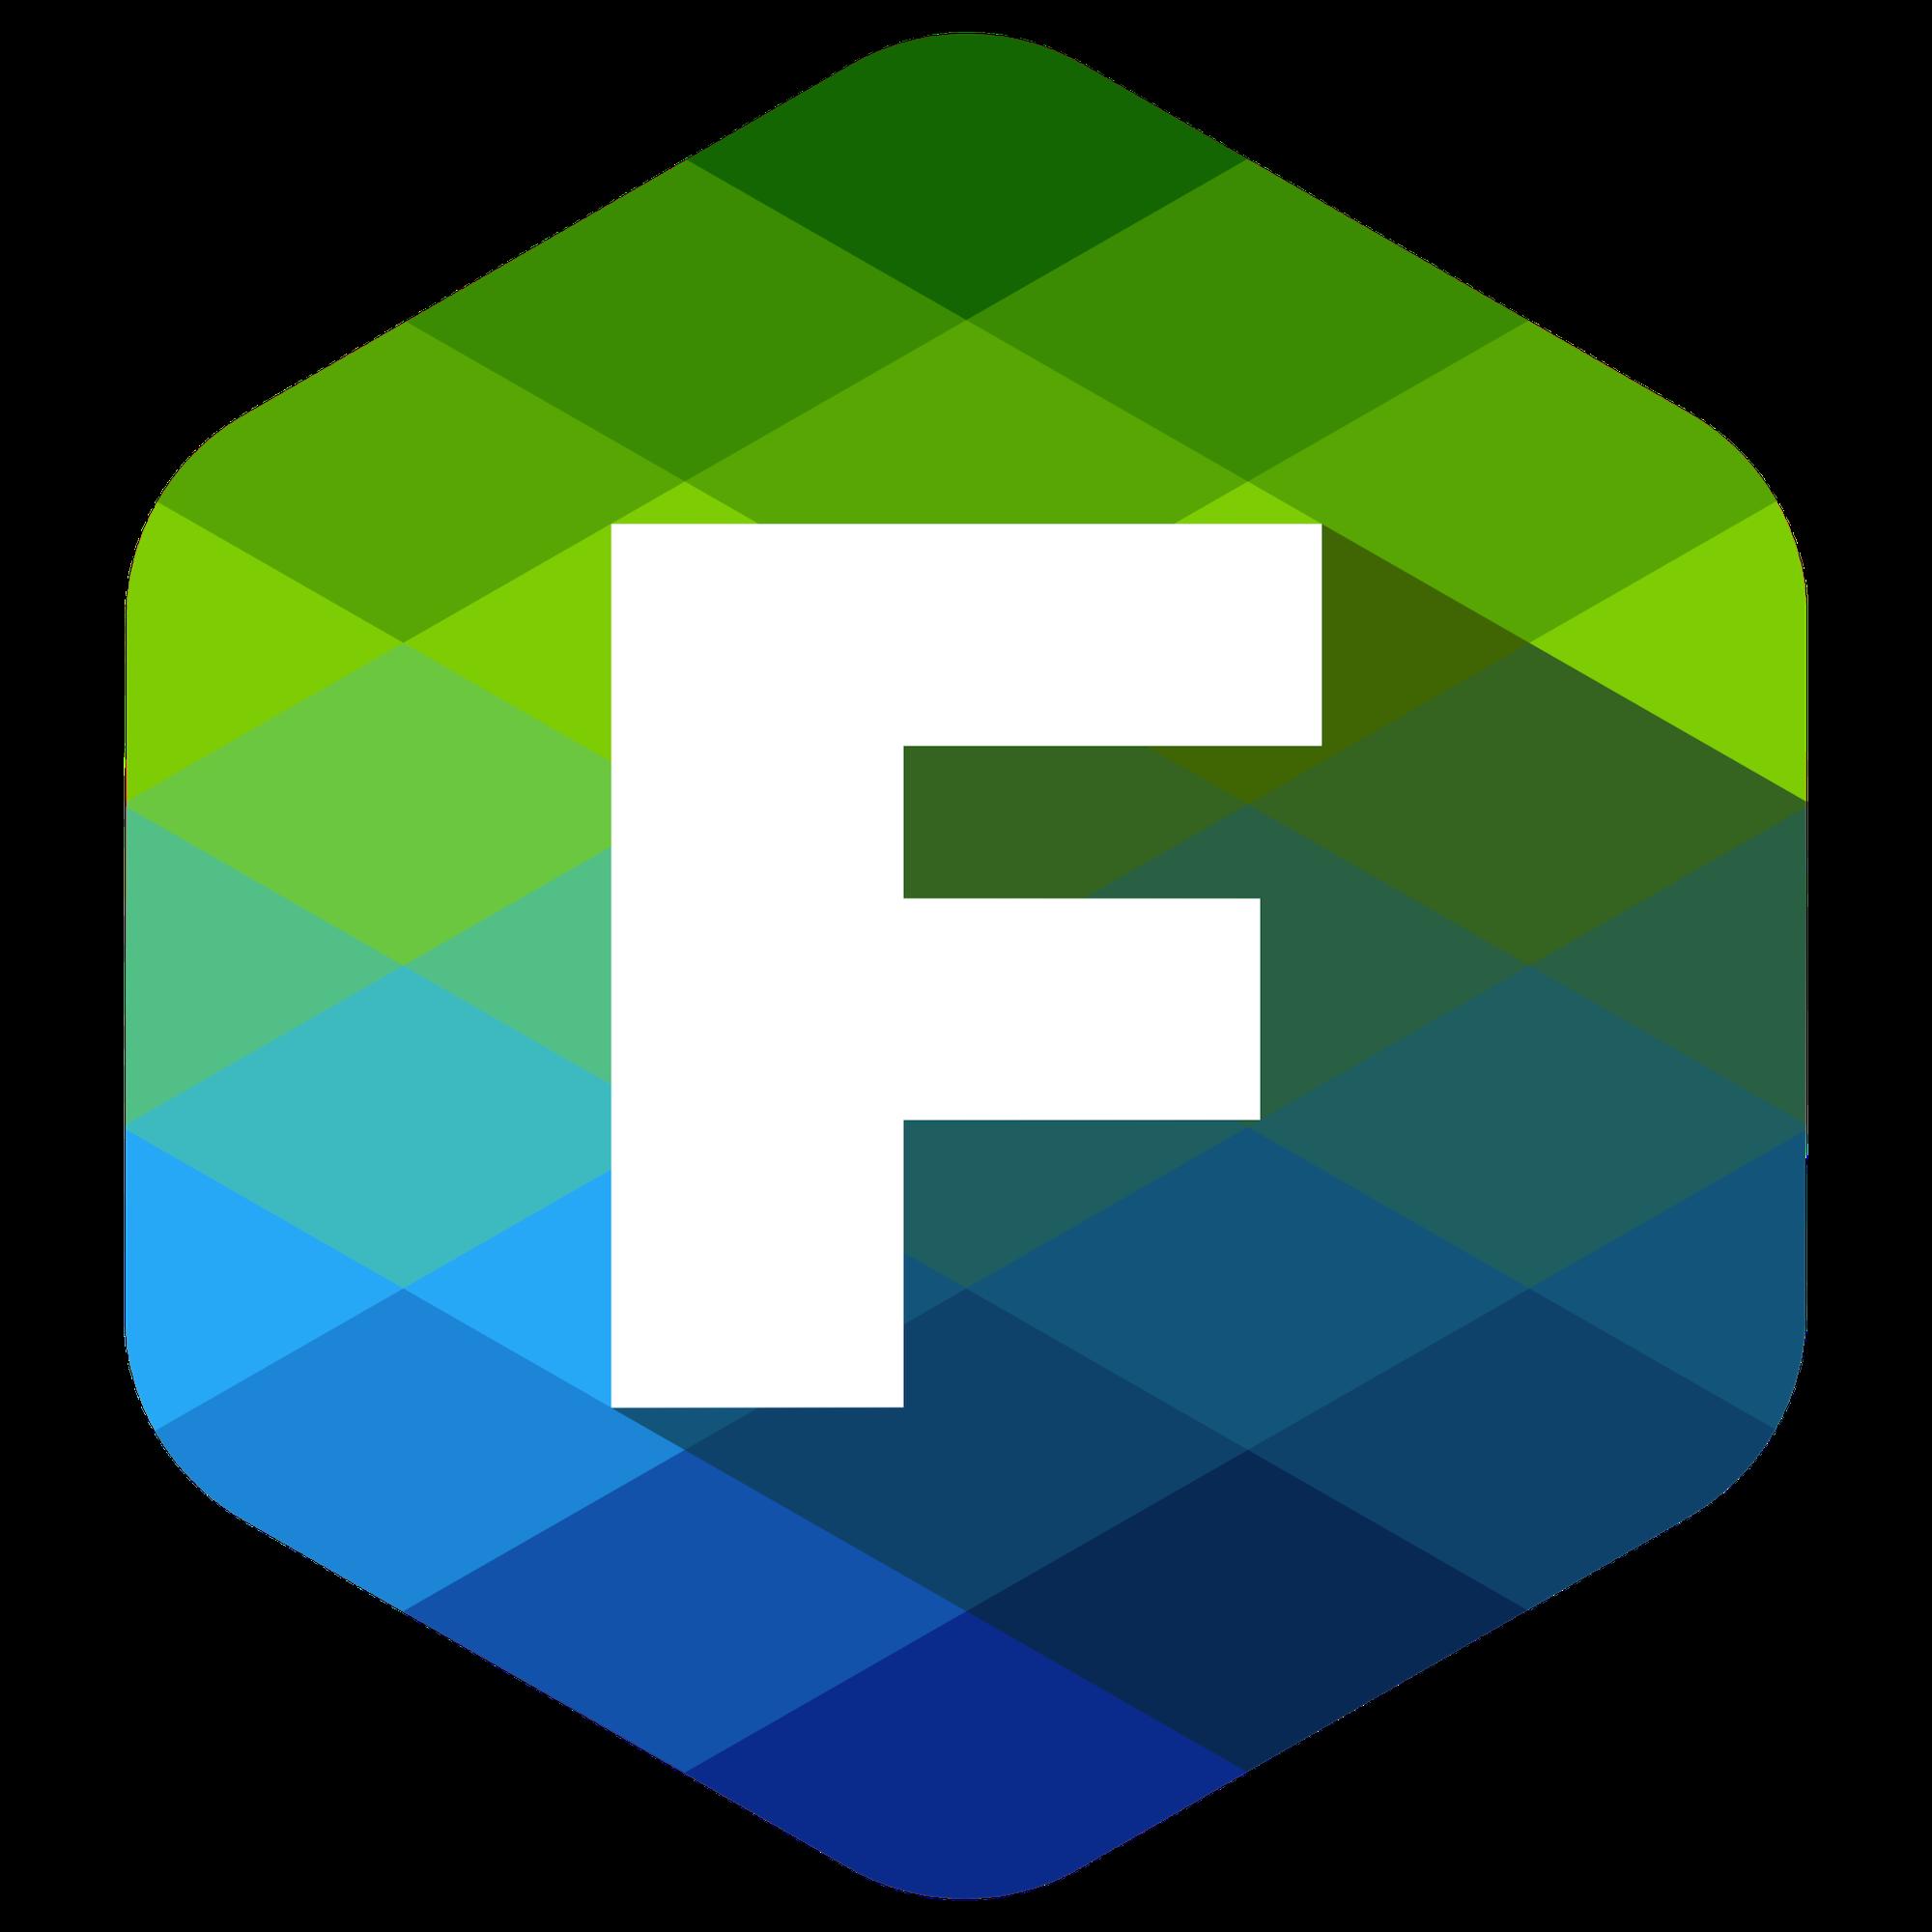 feedstation-logo-image